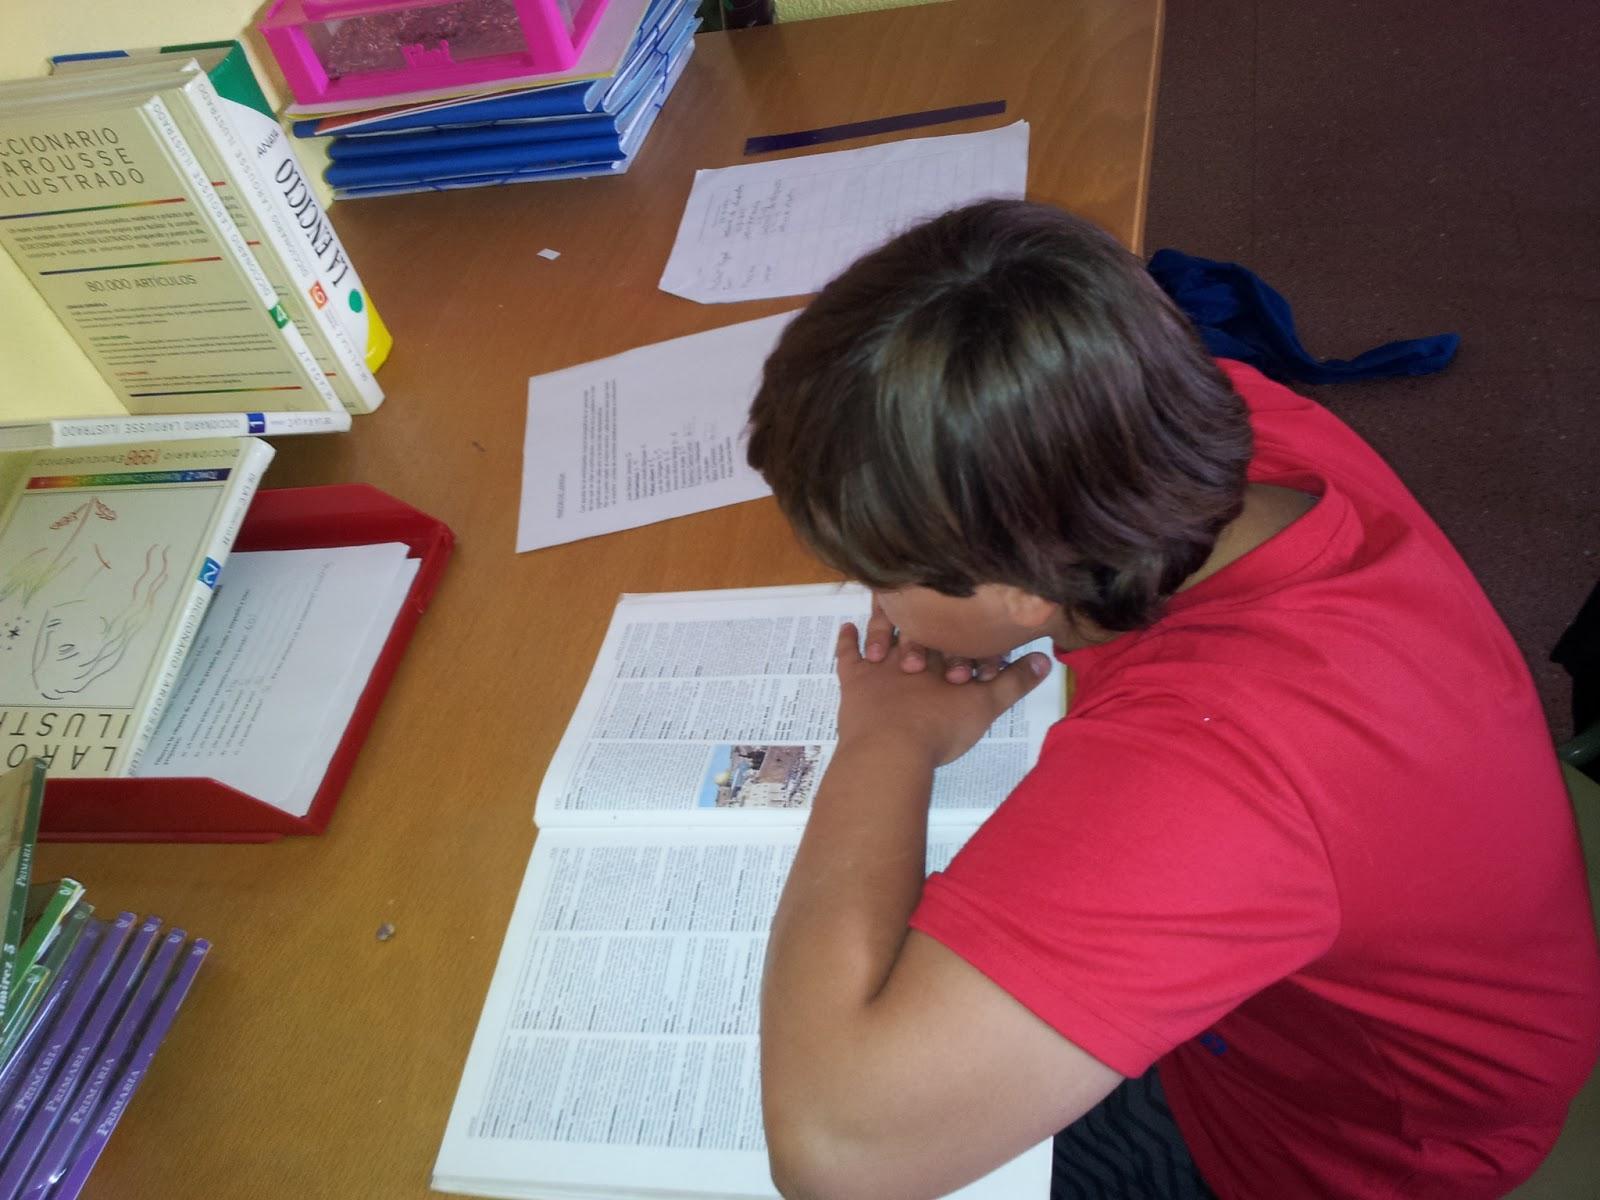 Buscando información sobre un autor andaluz